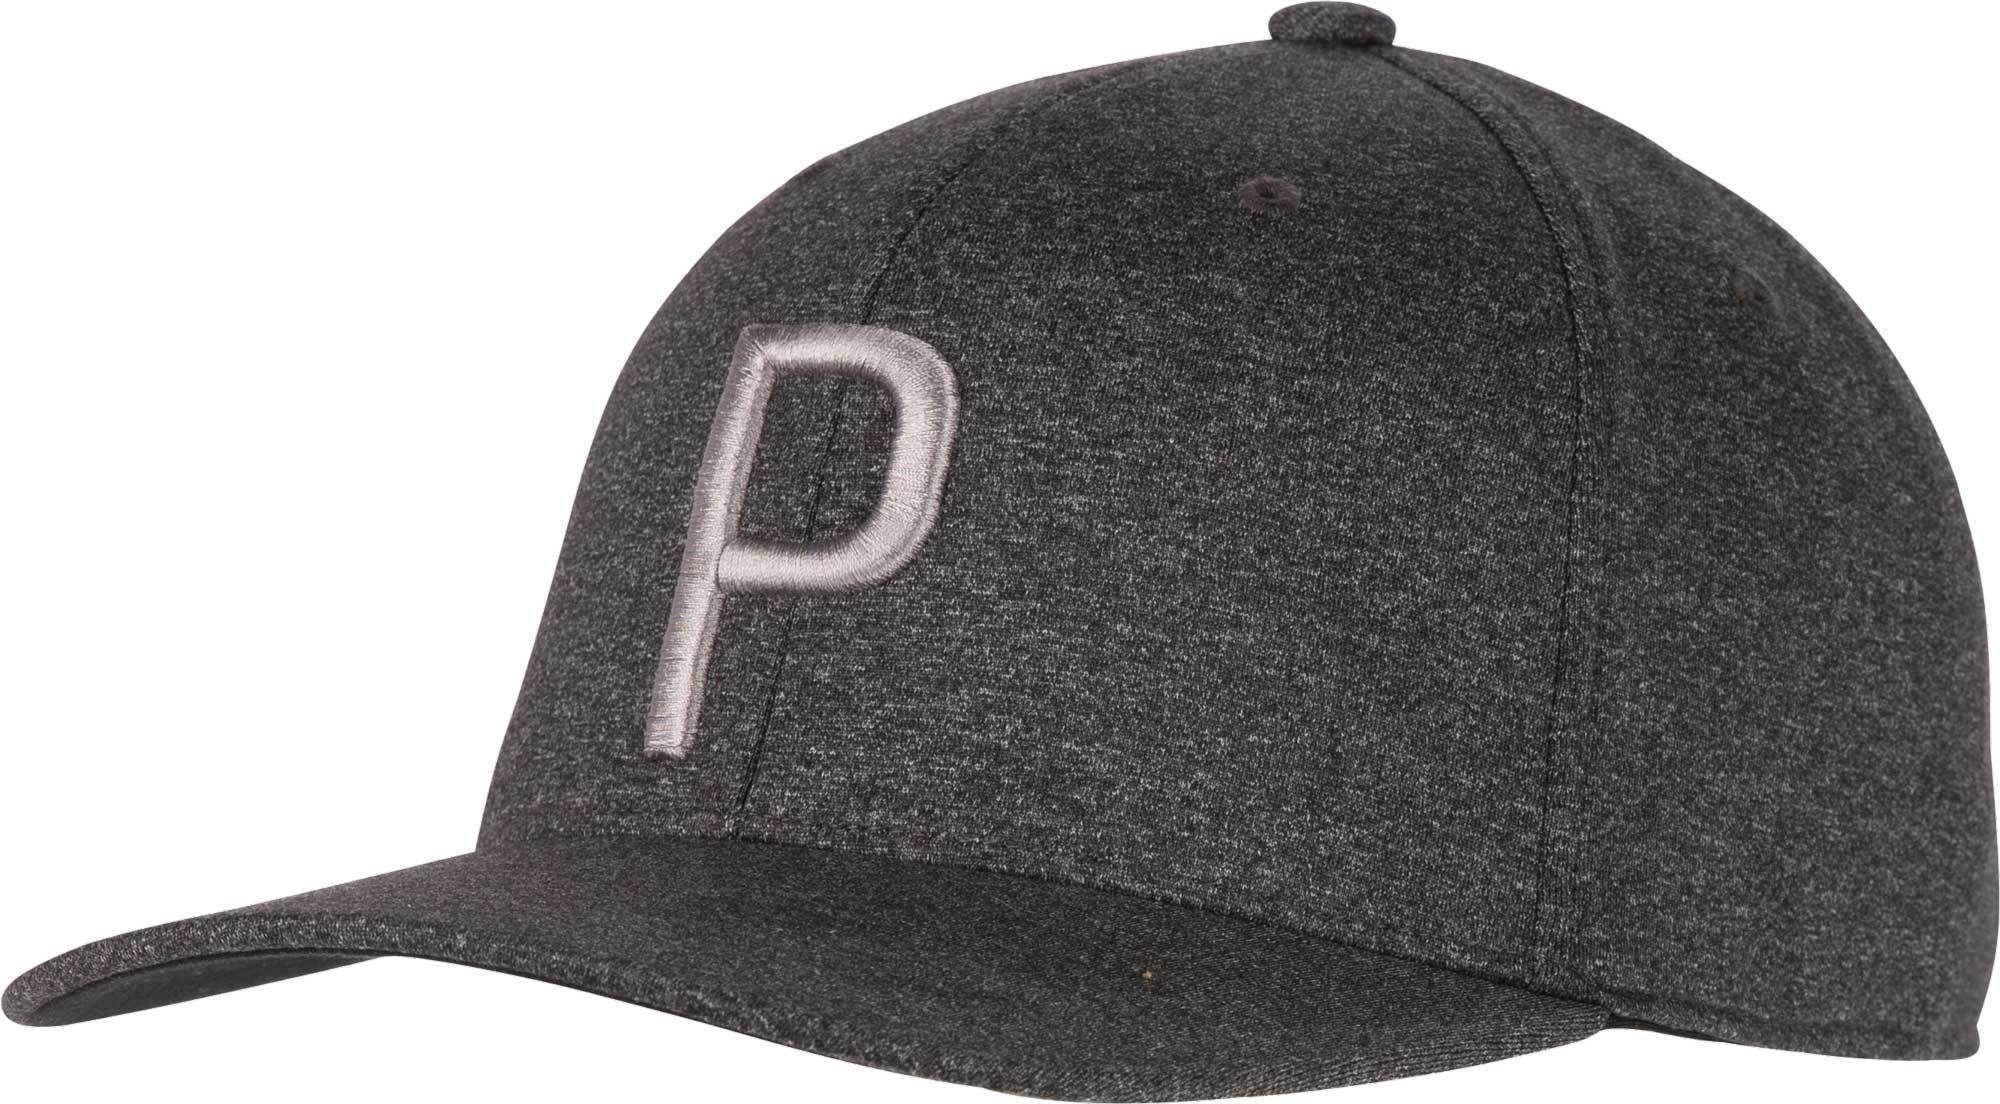 c3368b5d64a PUMA Men s P 110 Snapback Golf Hat